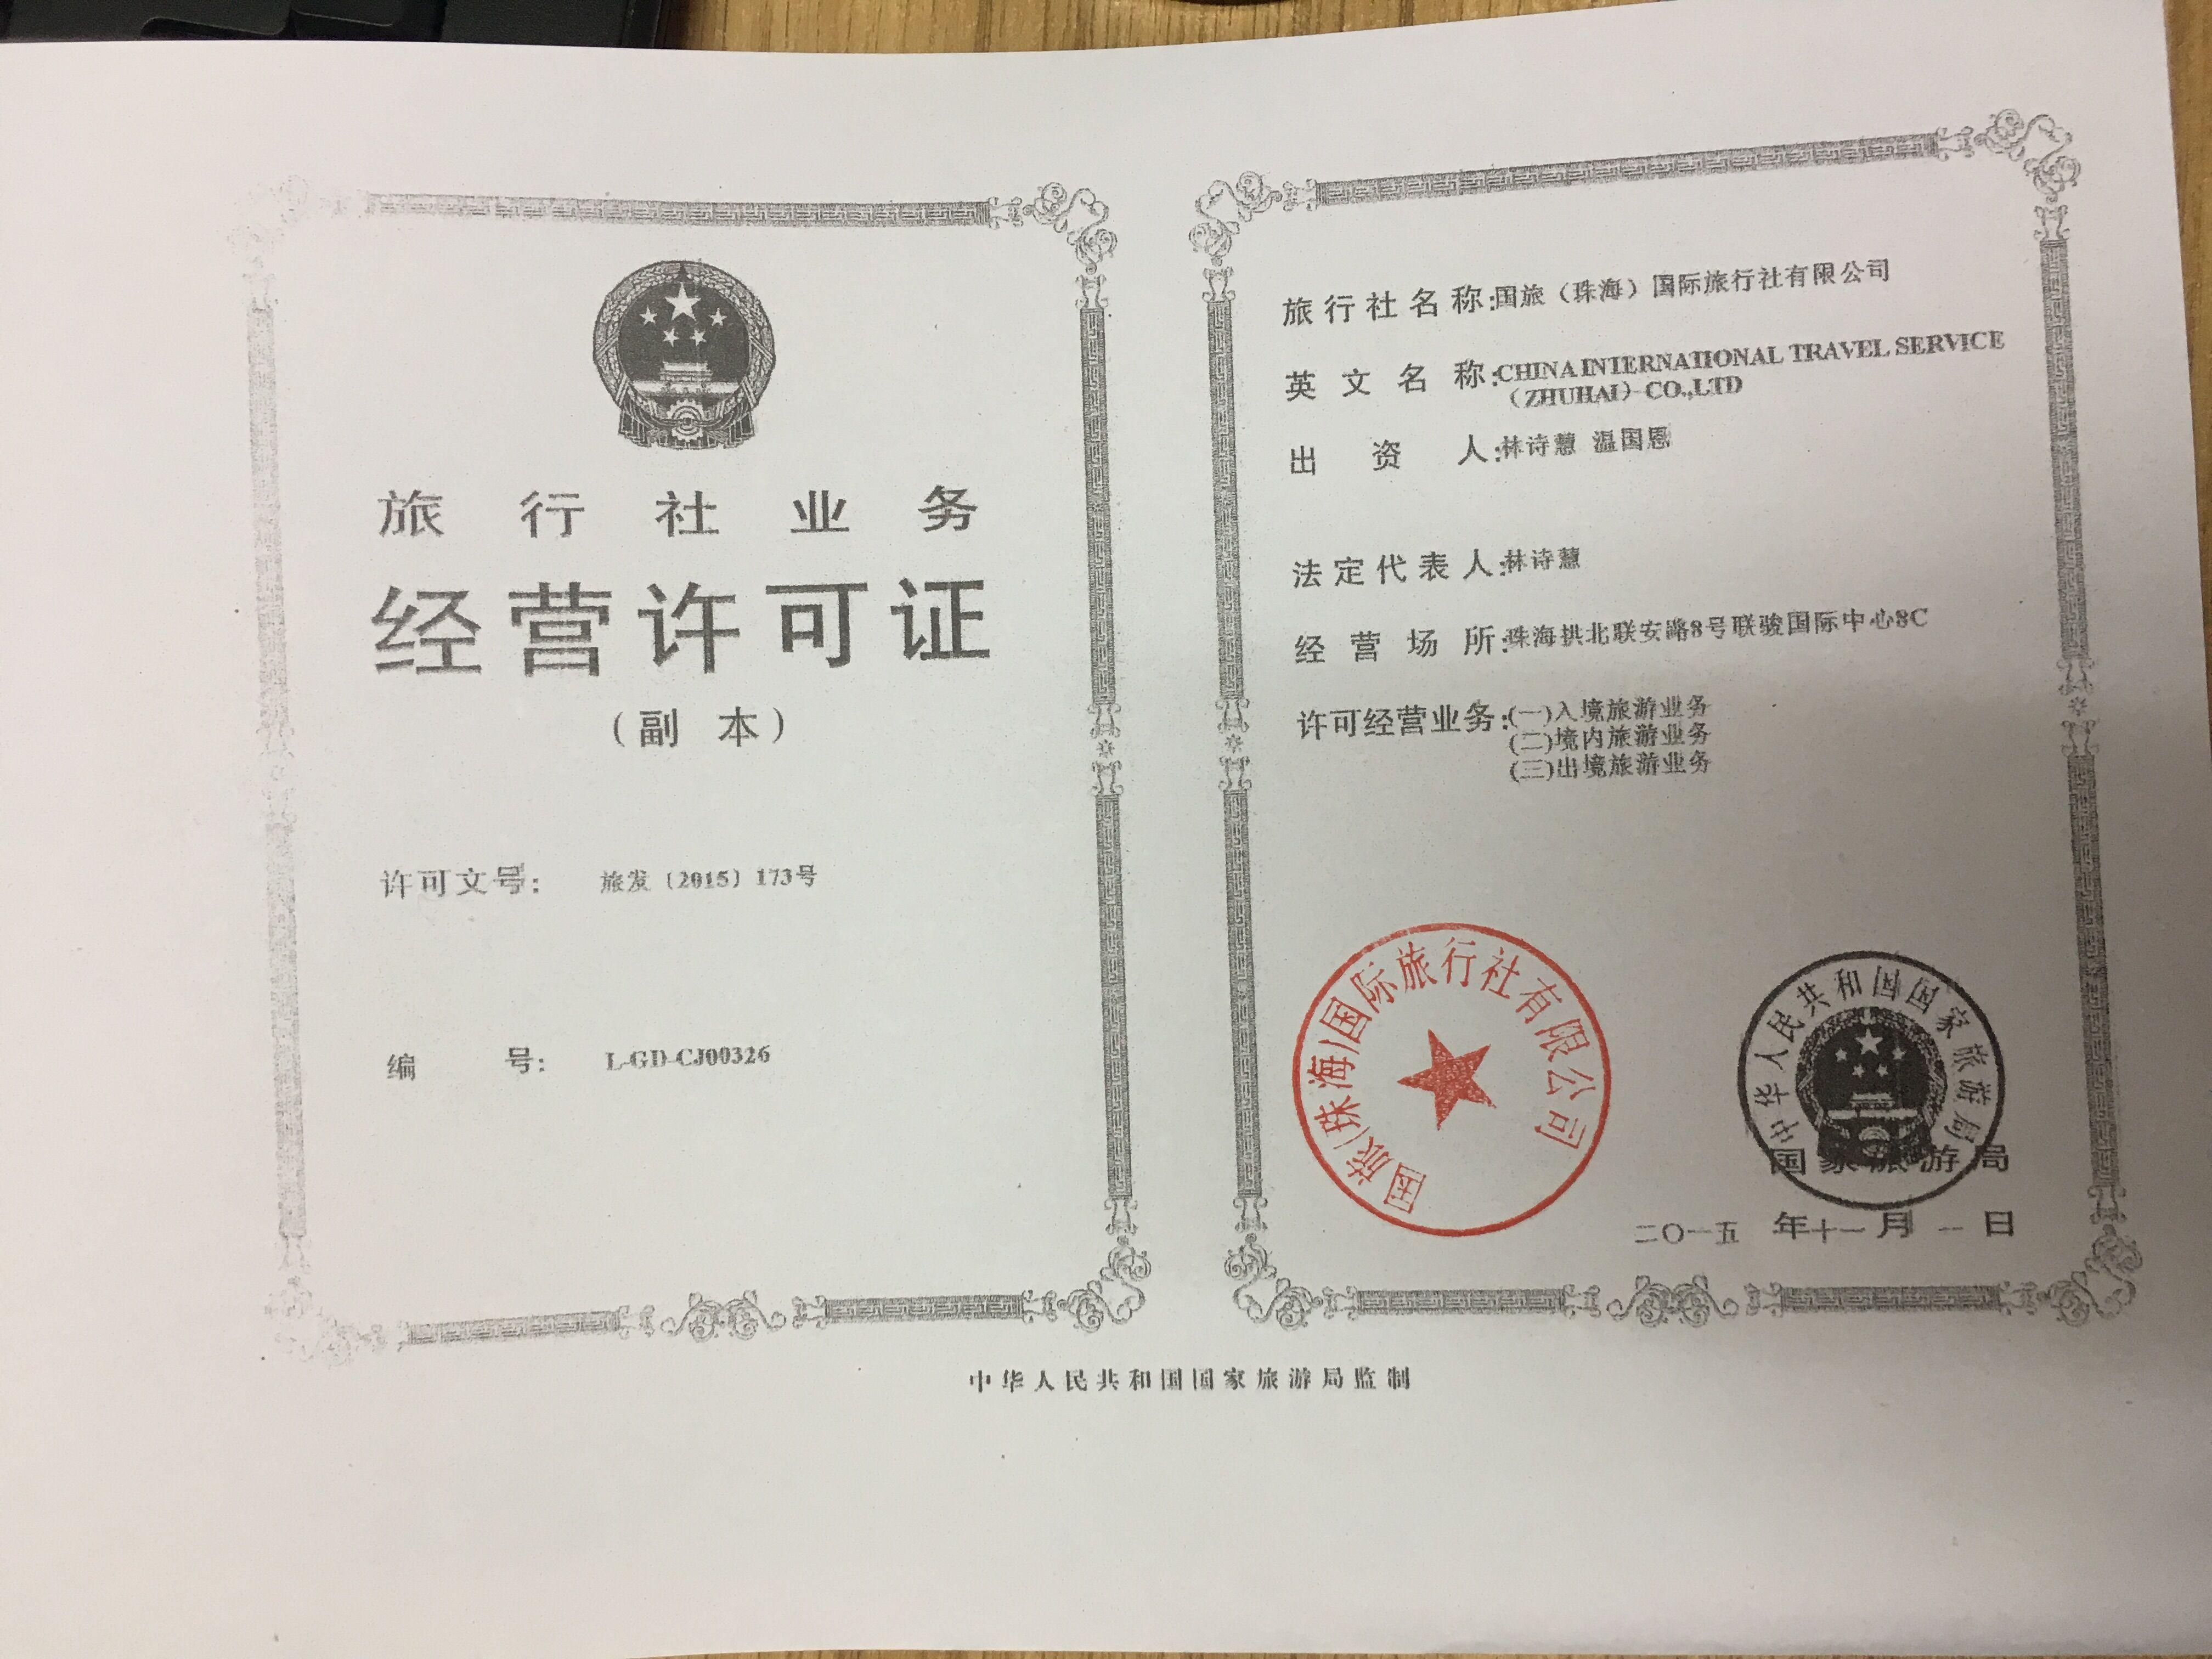 国旅(珠海)国际旅行社有限公司经营许可证